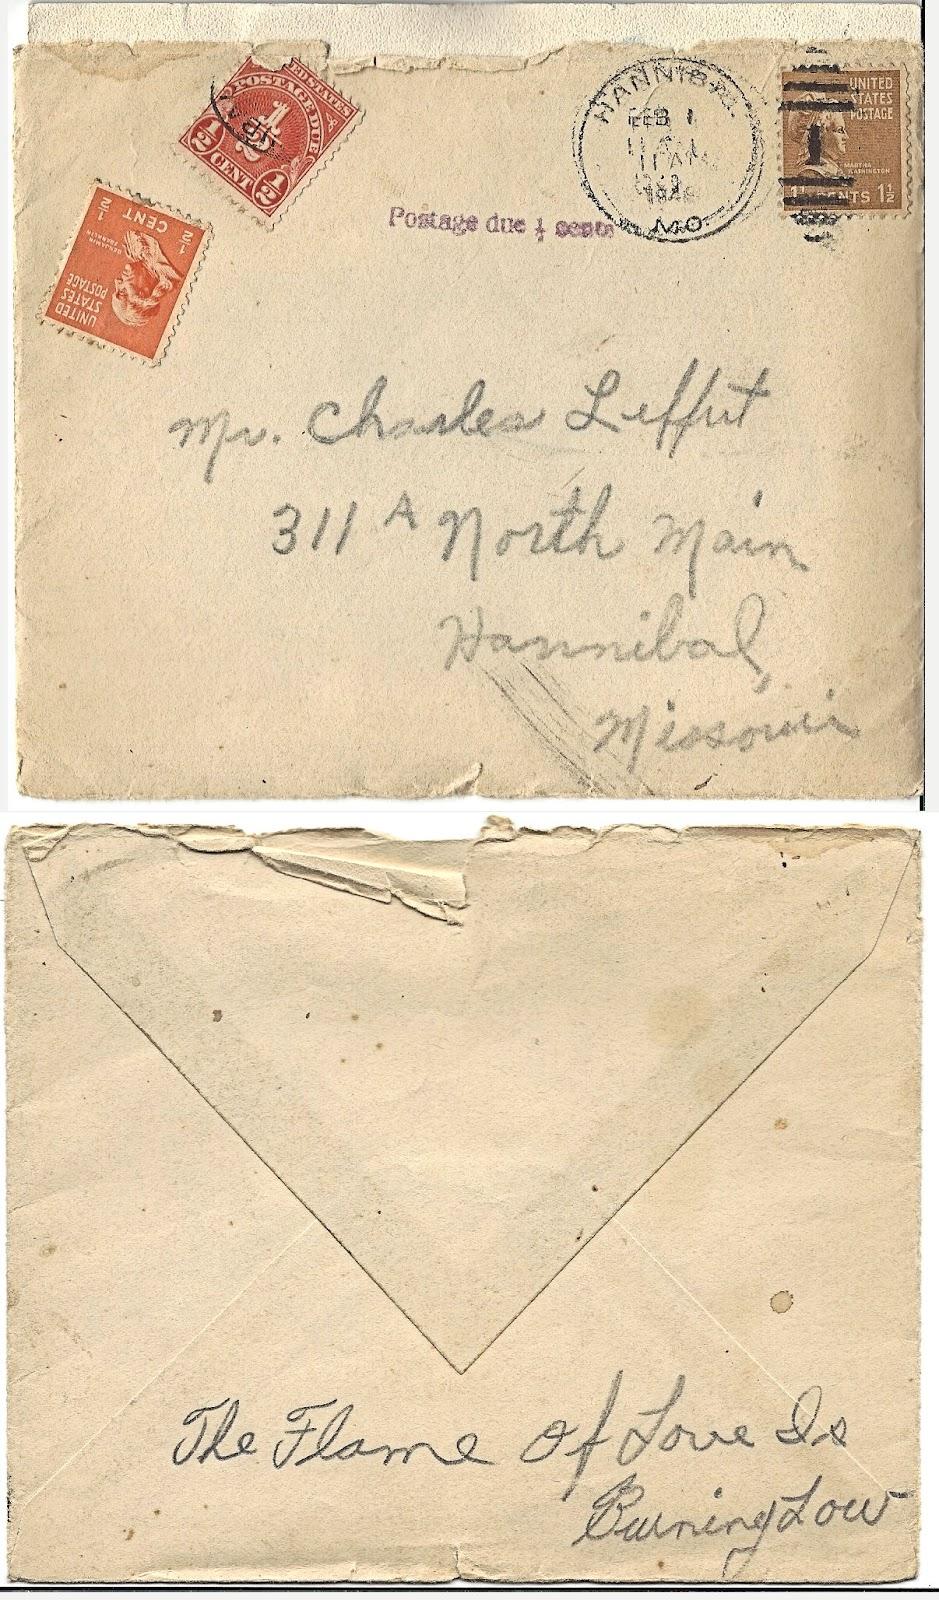 Card from Pauline 1 FEB 1946_env.jpg